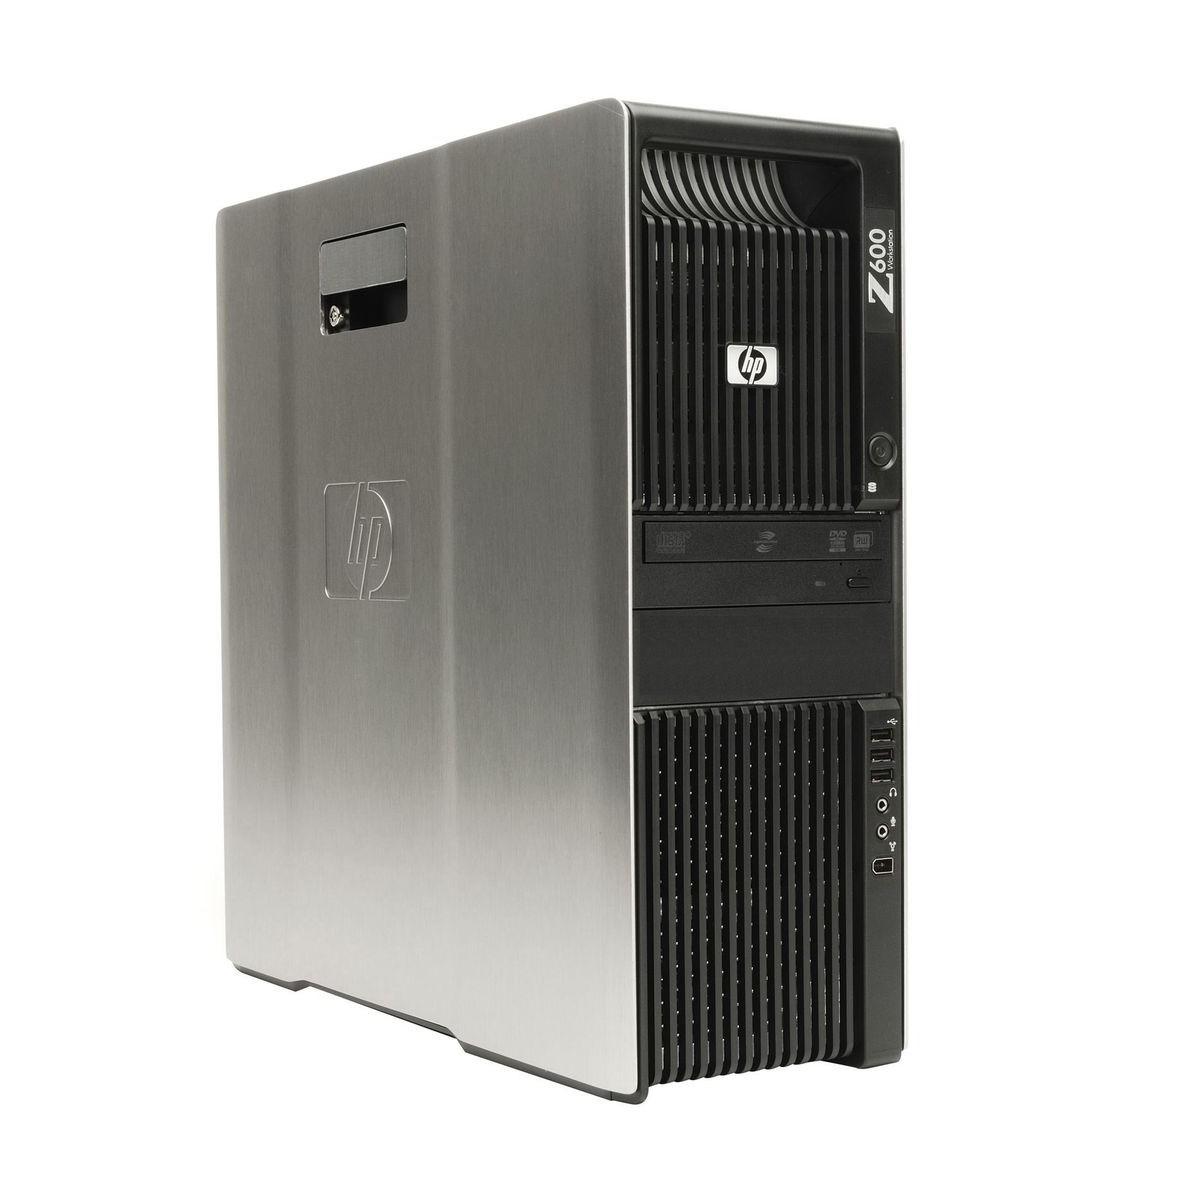 HP Z600 2.8SIX 24GB 500GB Q600 WIN10 PRO